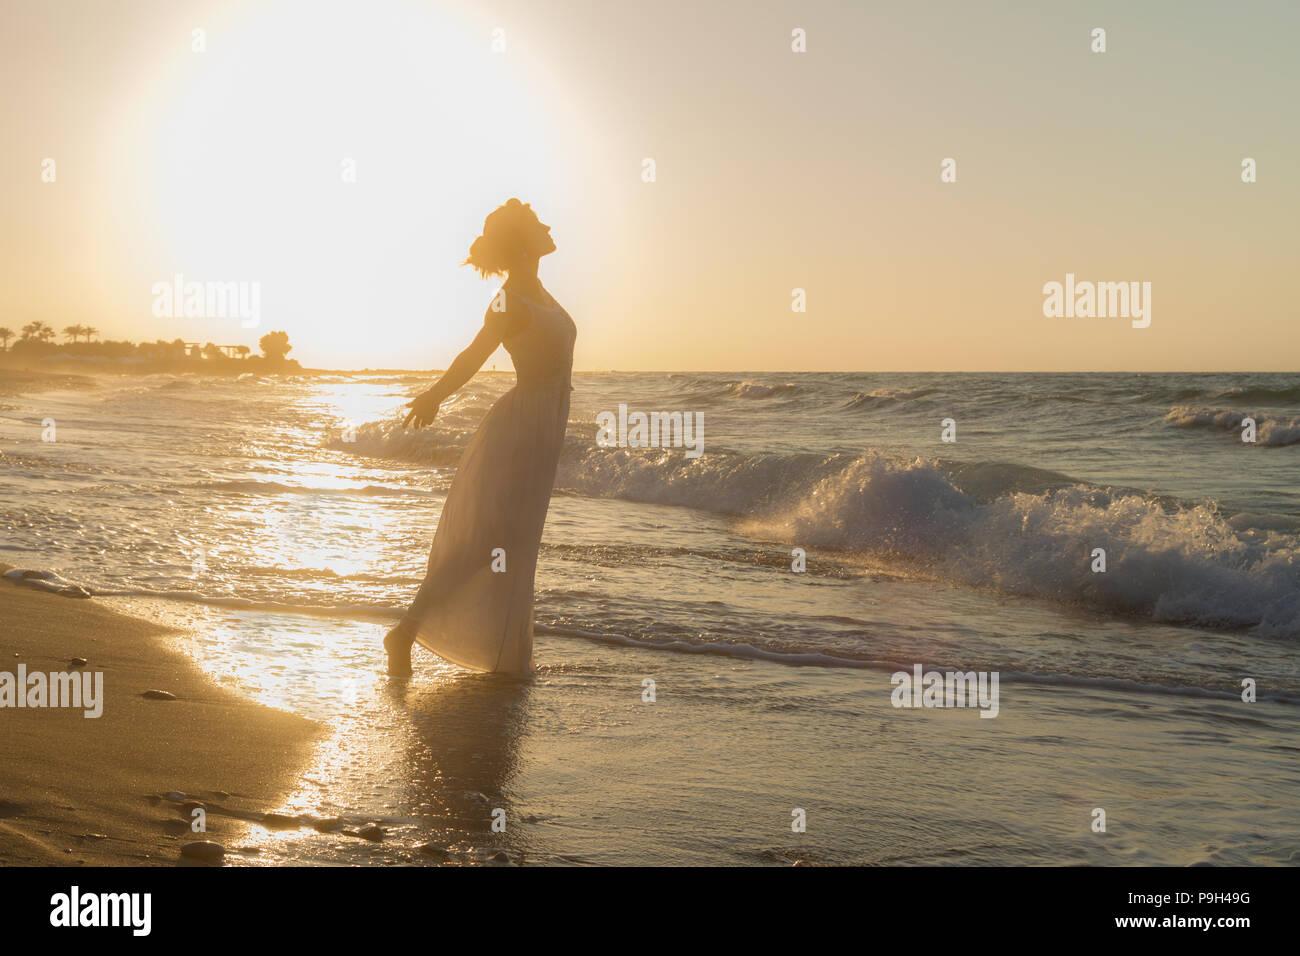 Donna con bracci sollevati, a piedi nudi, sentirsi felice, vivo e libero in natura meditando a Sandy misty respirazione spiaggia fresca e pulita aria dell'oceano al tramonto. Vacanze estive il concetto di stile di vita Immagini Stock